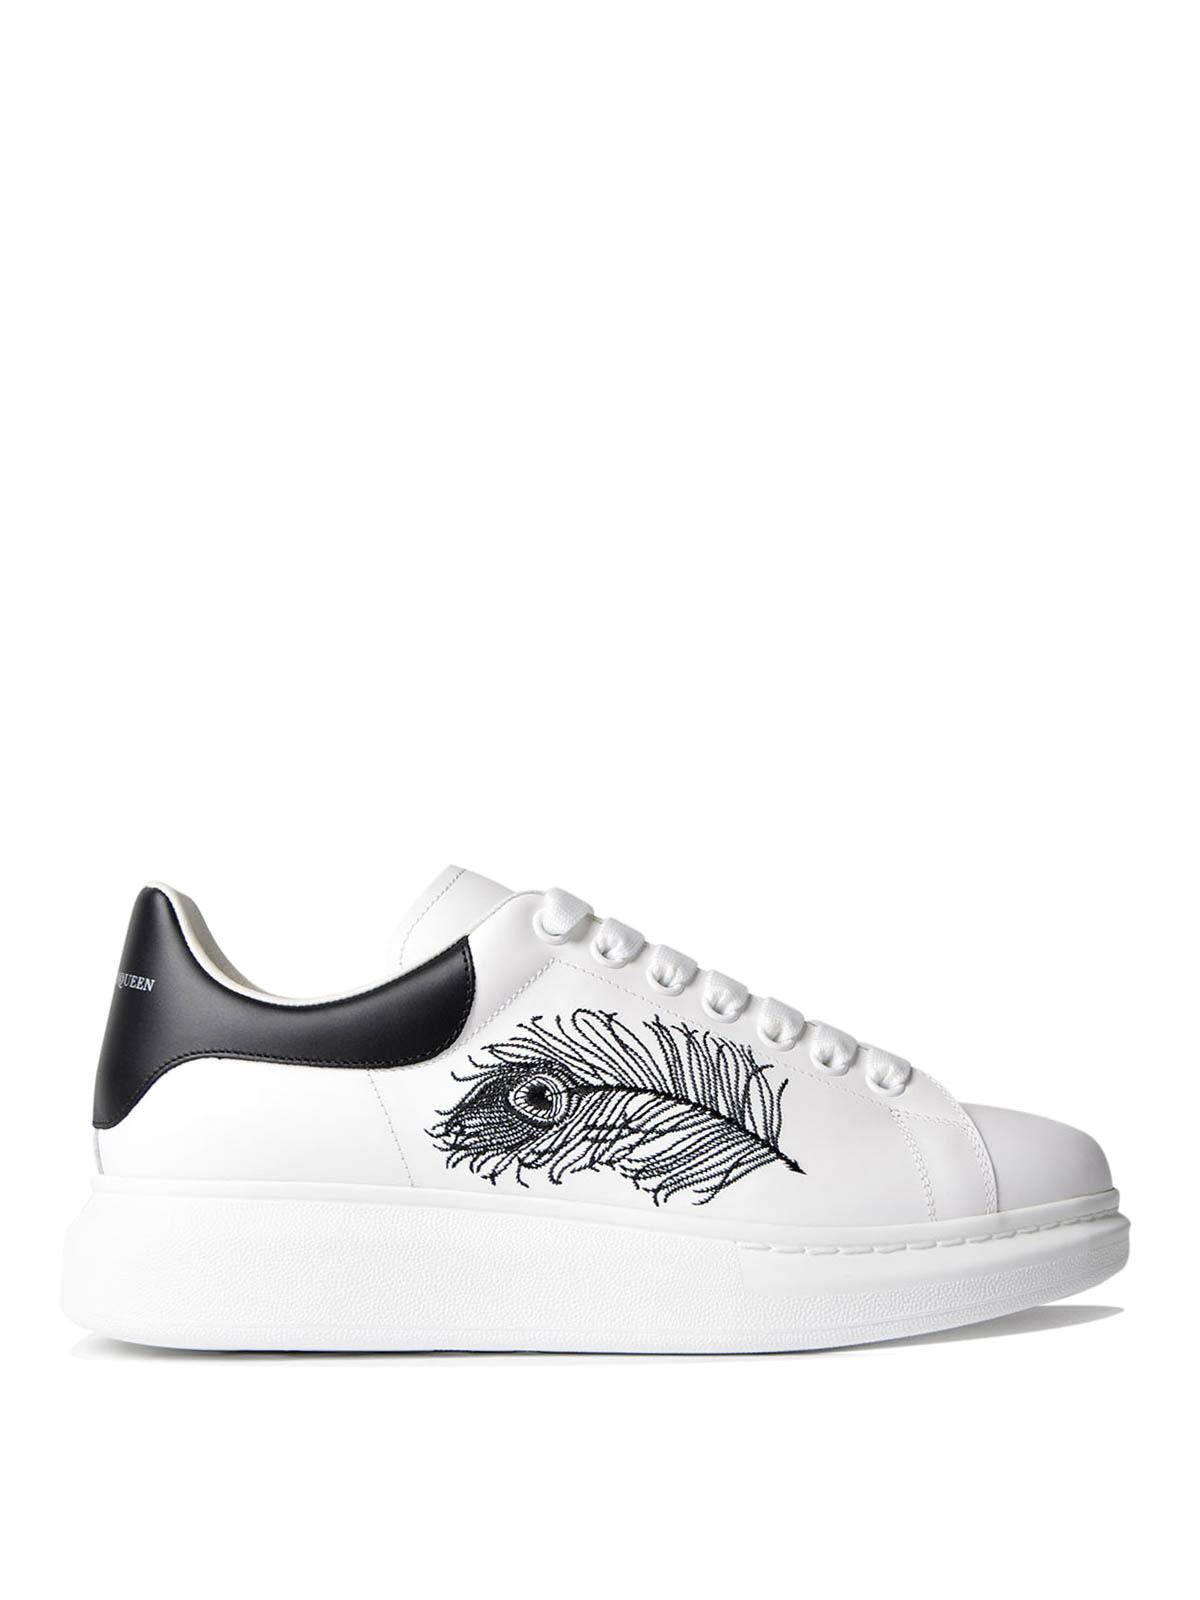 Alexander Mcqueen - Baskets - Blanc - Chaussures de sport ... 8ad65a75469